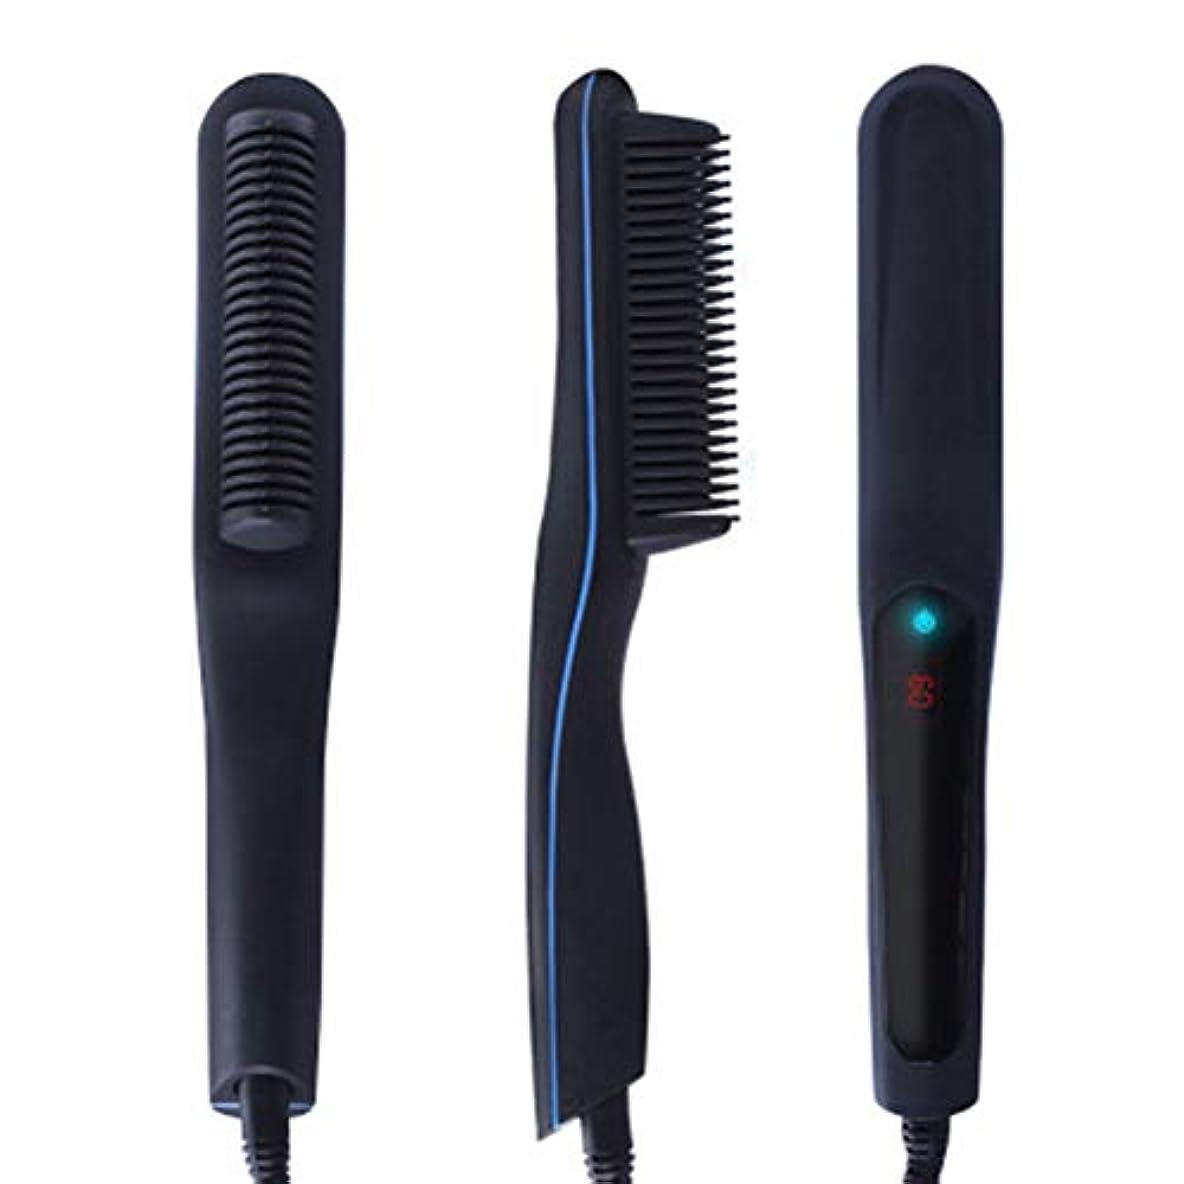 魔術師器官空中ロールストレート髪のくし、多機能レディーススタイルストレートヘアコームボタンバージョンメンズ髭くしLEDディスプレイ、小型で便利